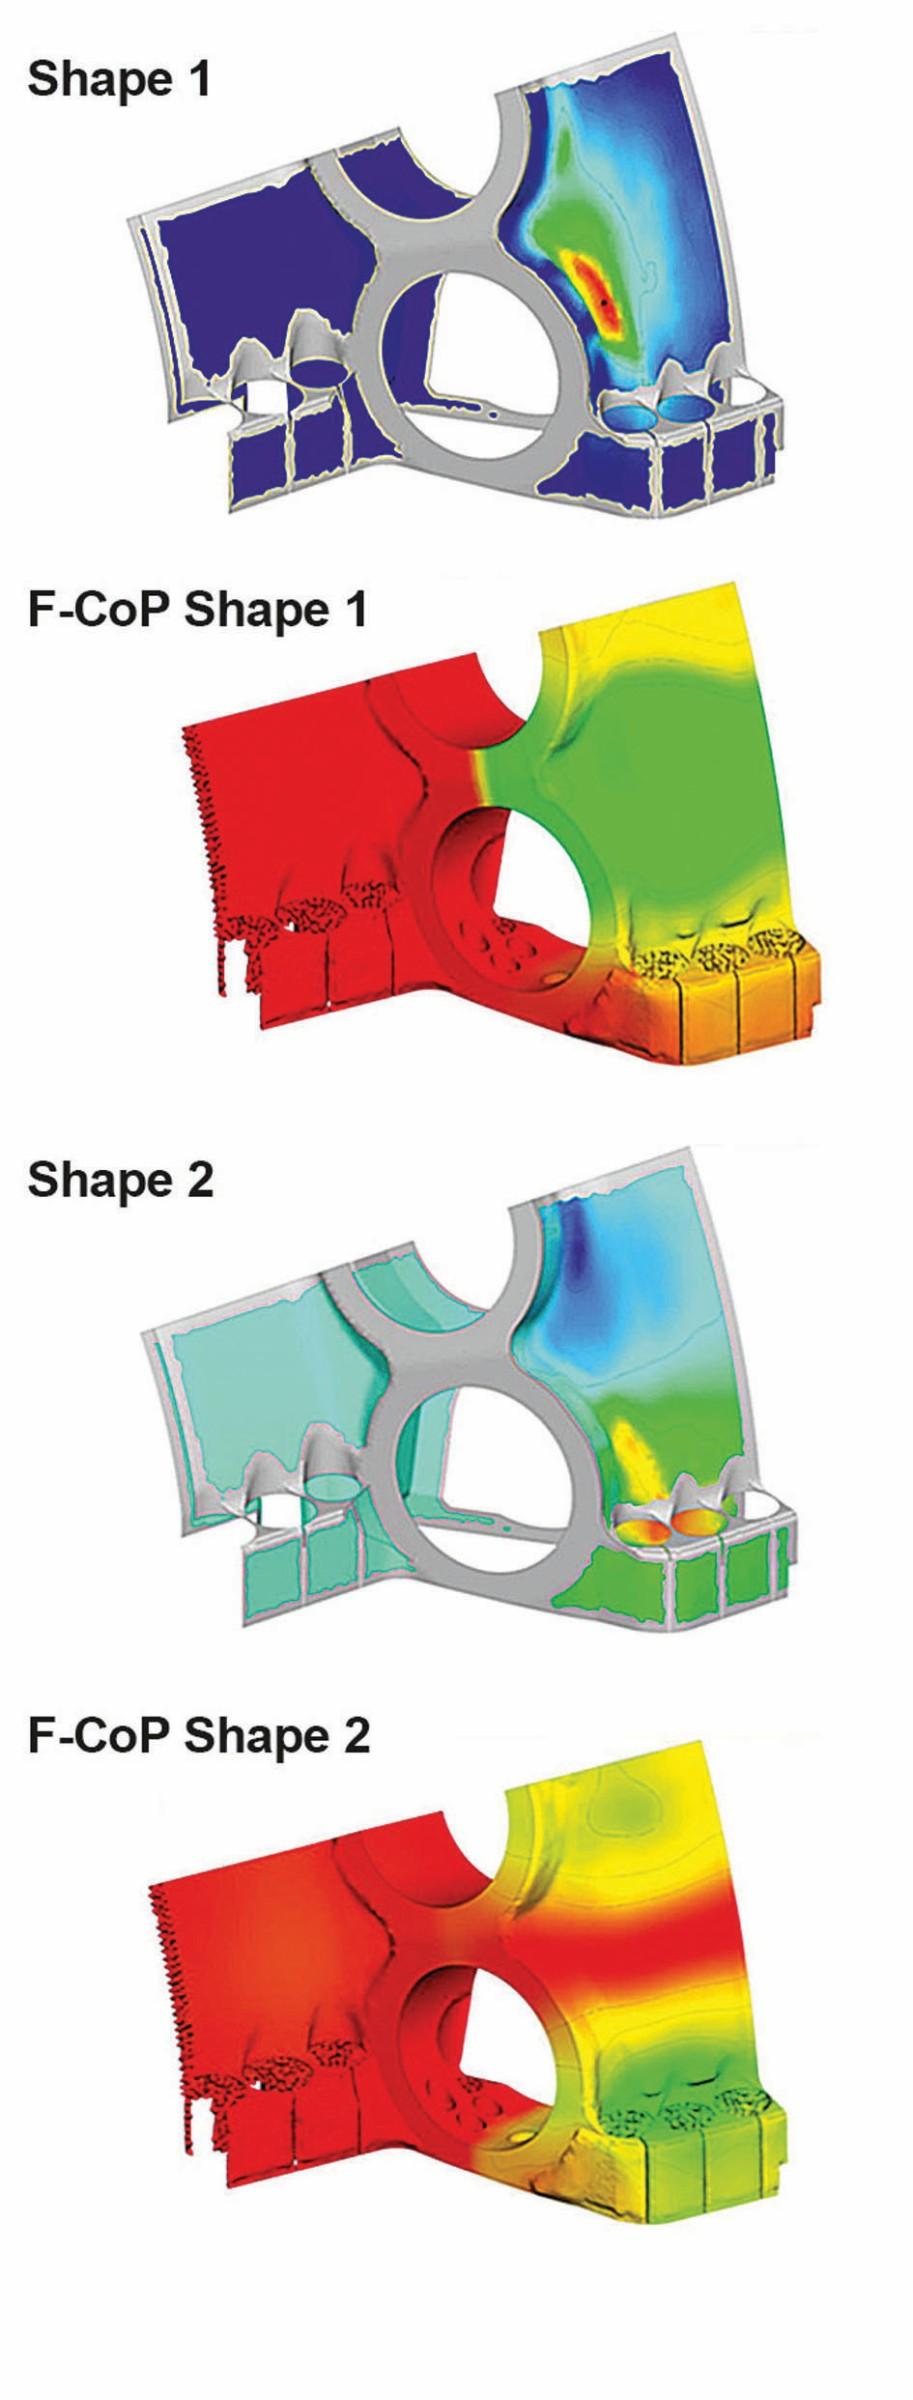 Bild 11 Sensitivitätsanalyse des Temperaturfeldes mit FMOP – das dominanteste geometrische Variationsmuster für resultierende Temperaturänderungen mit der korrespondierenden Sensitivität (F-CoP) der Temperatur in Bezug auf die geometrischen Variationsmuster. Bild: Siemens